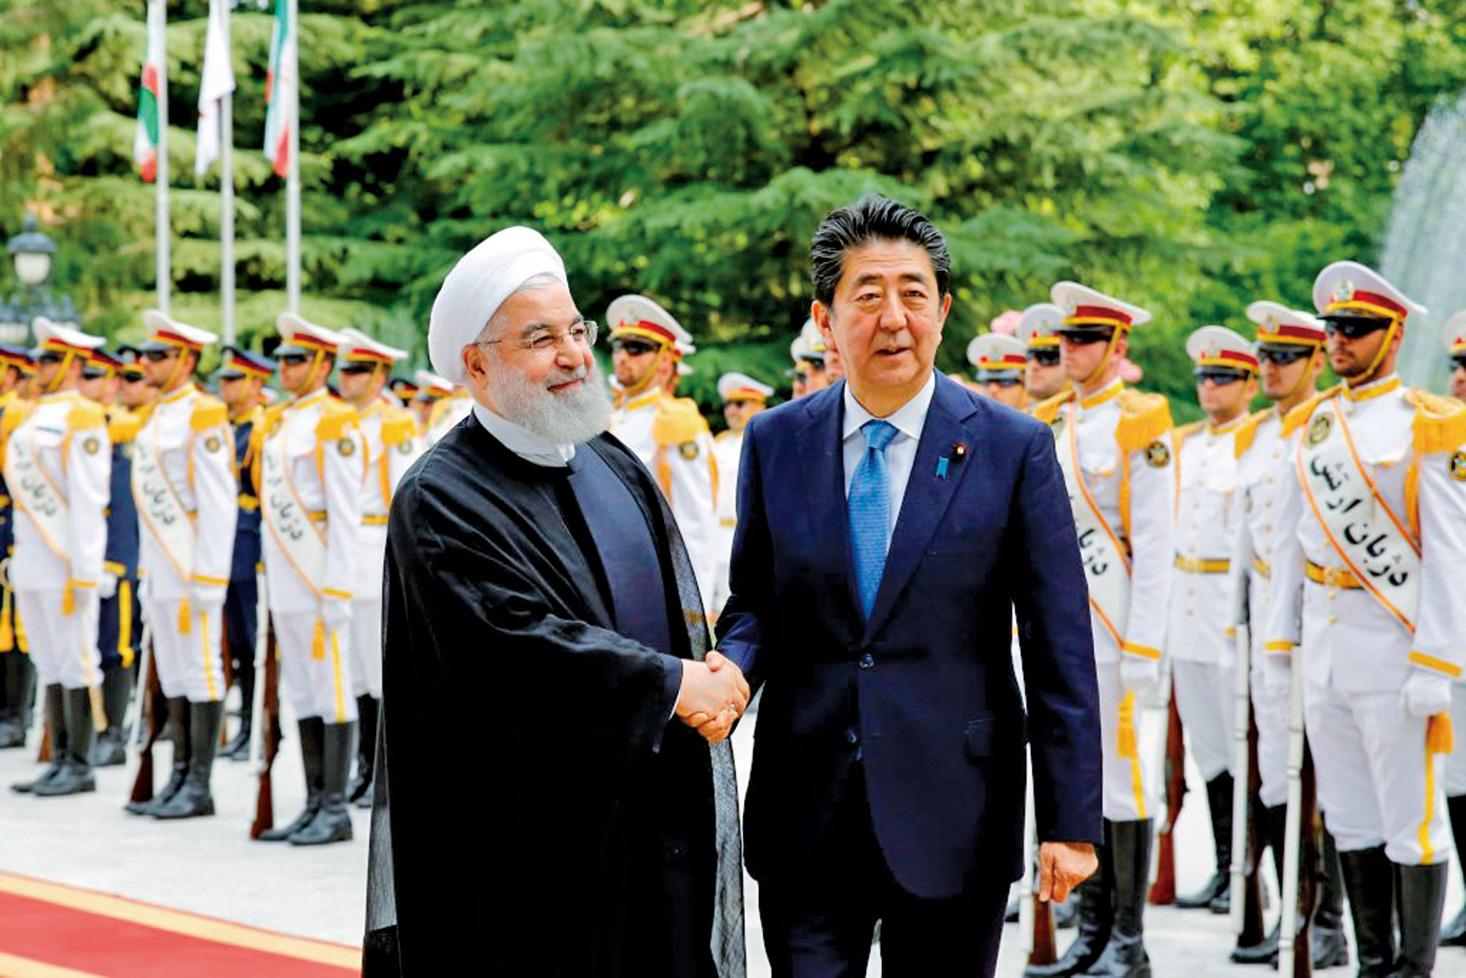 2019年6月12日,日本首相安倍晉三(右)與伊朗總統羅哈尼會面。(AFP)